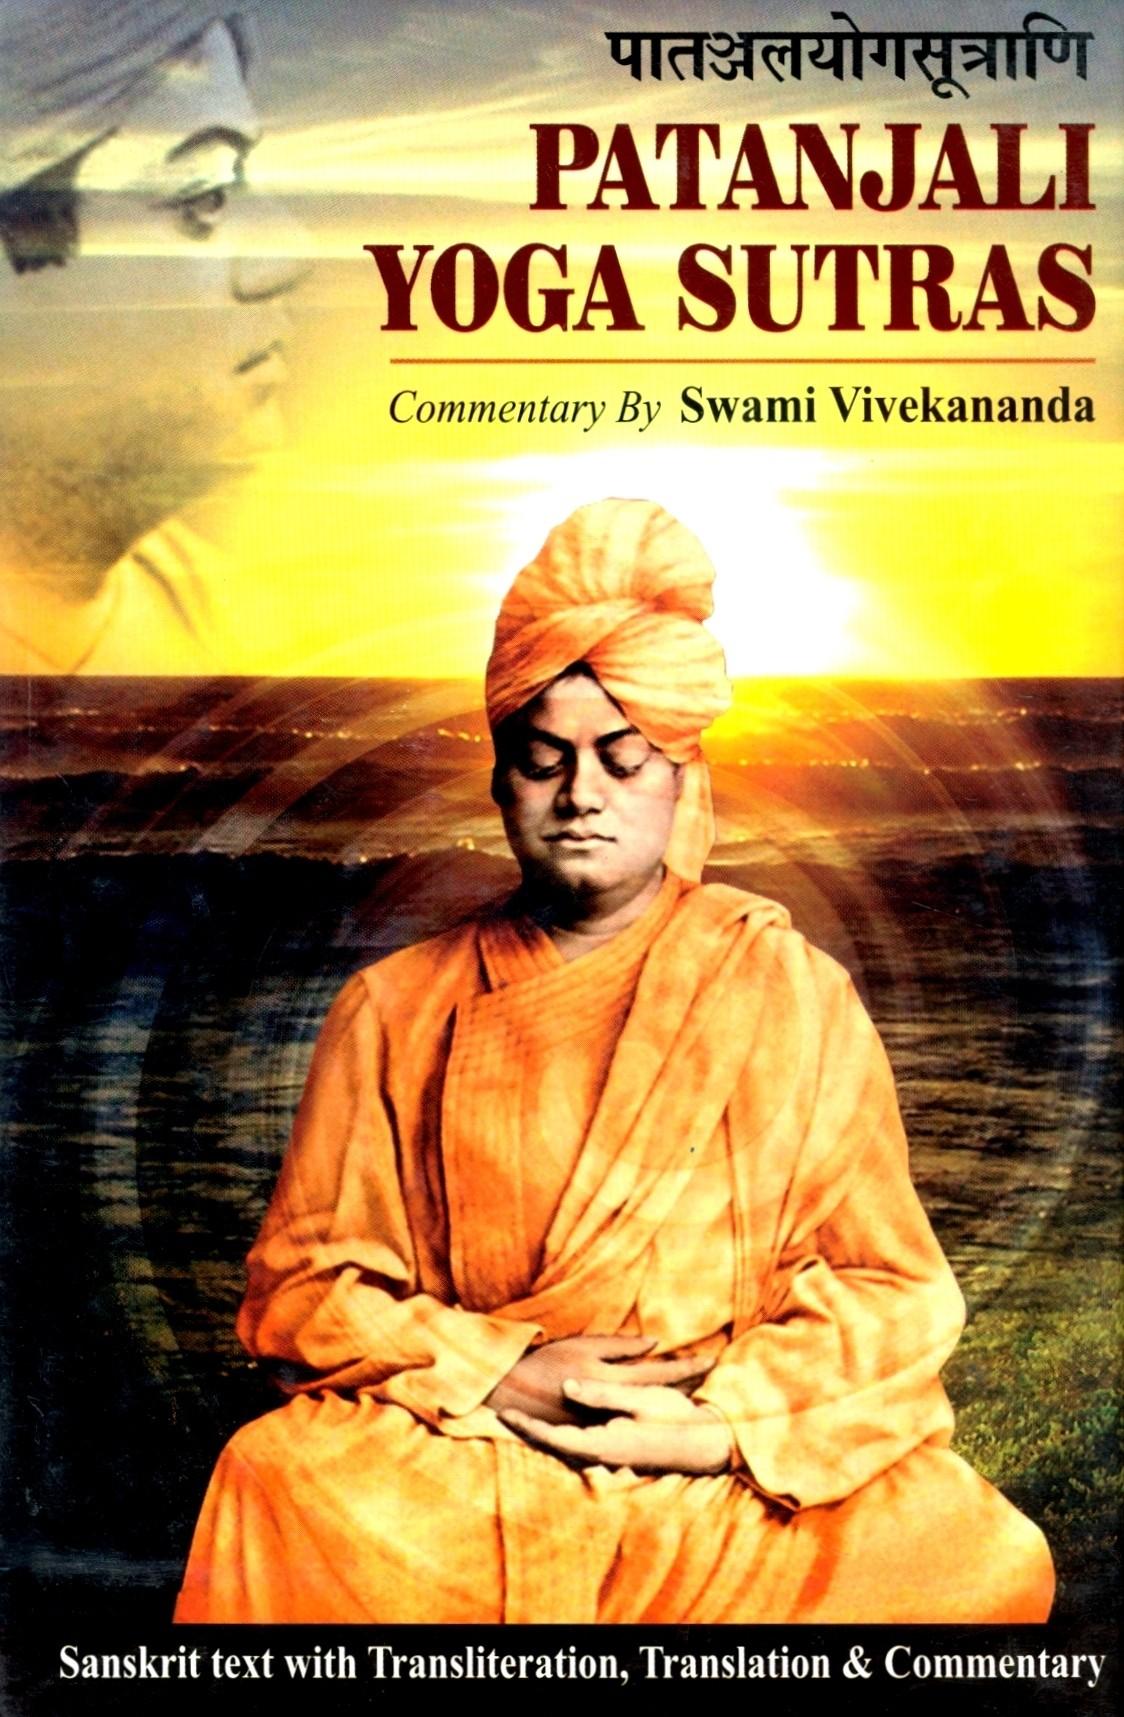 Aforismos del Yoga de Patanjali Concentración su Practica - Swami Vivekananda